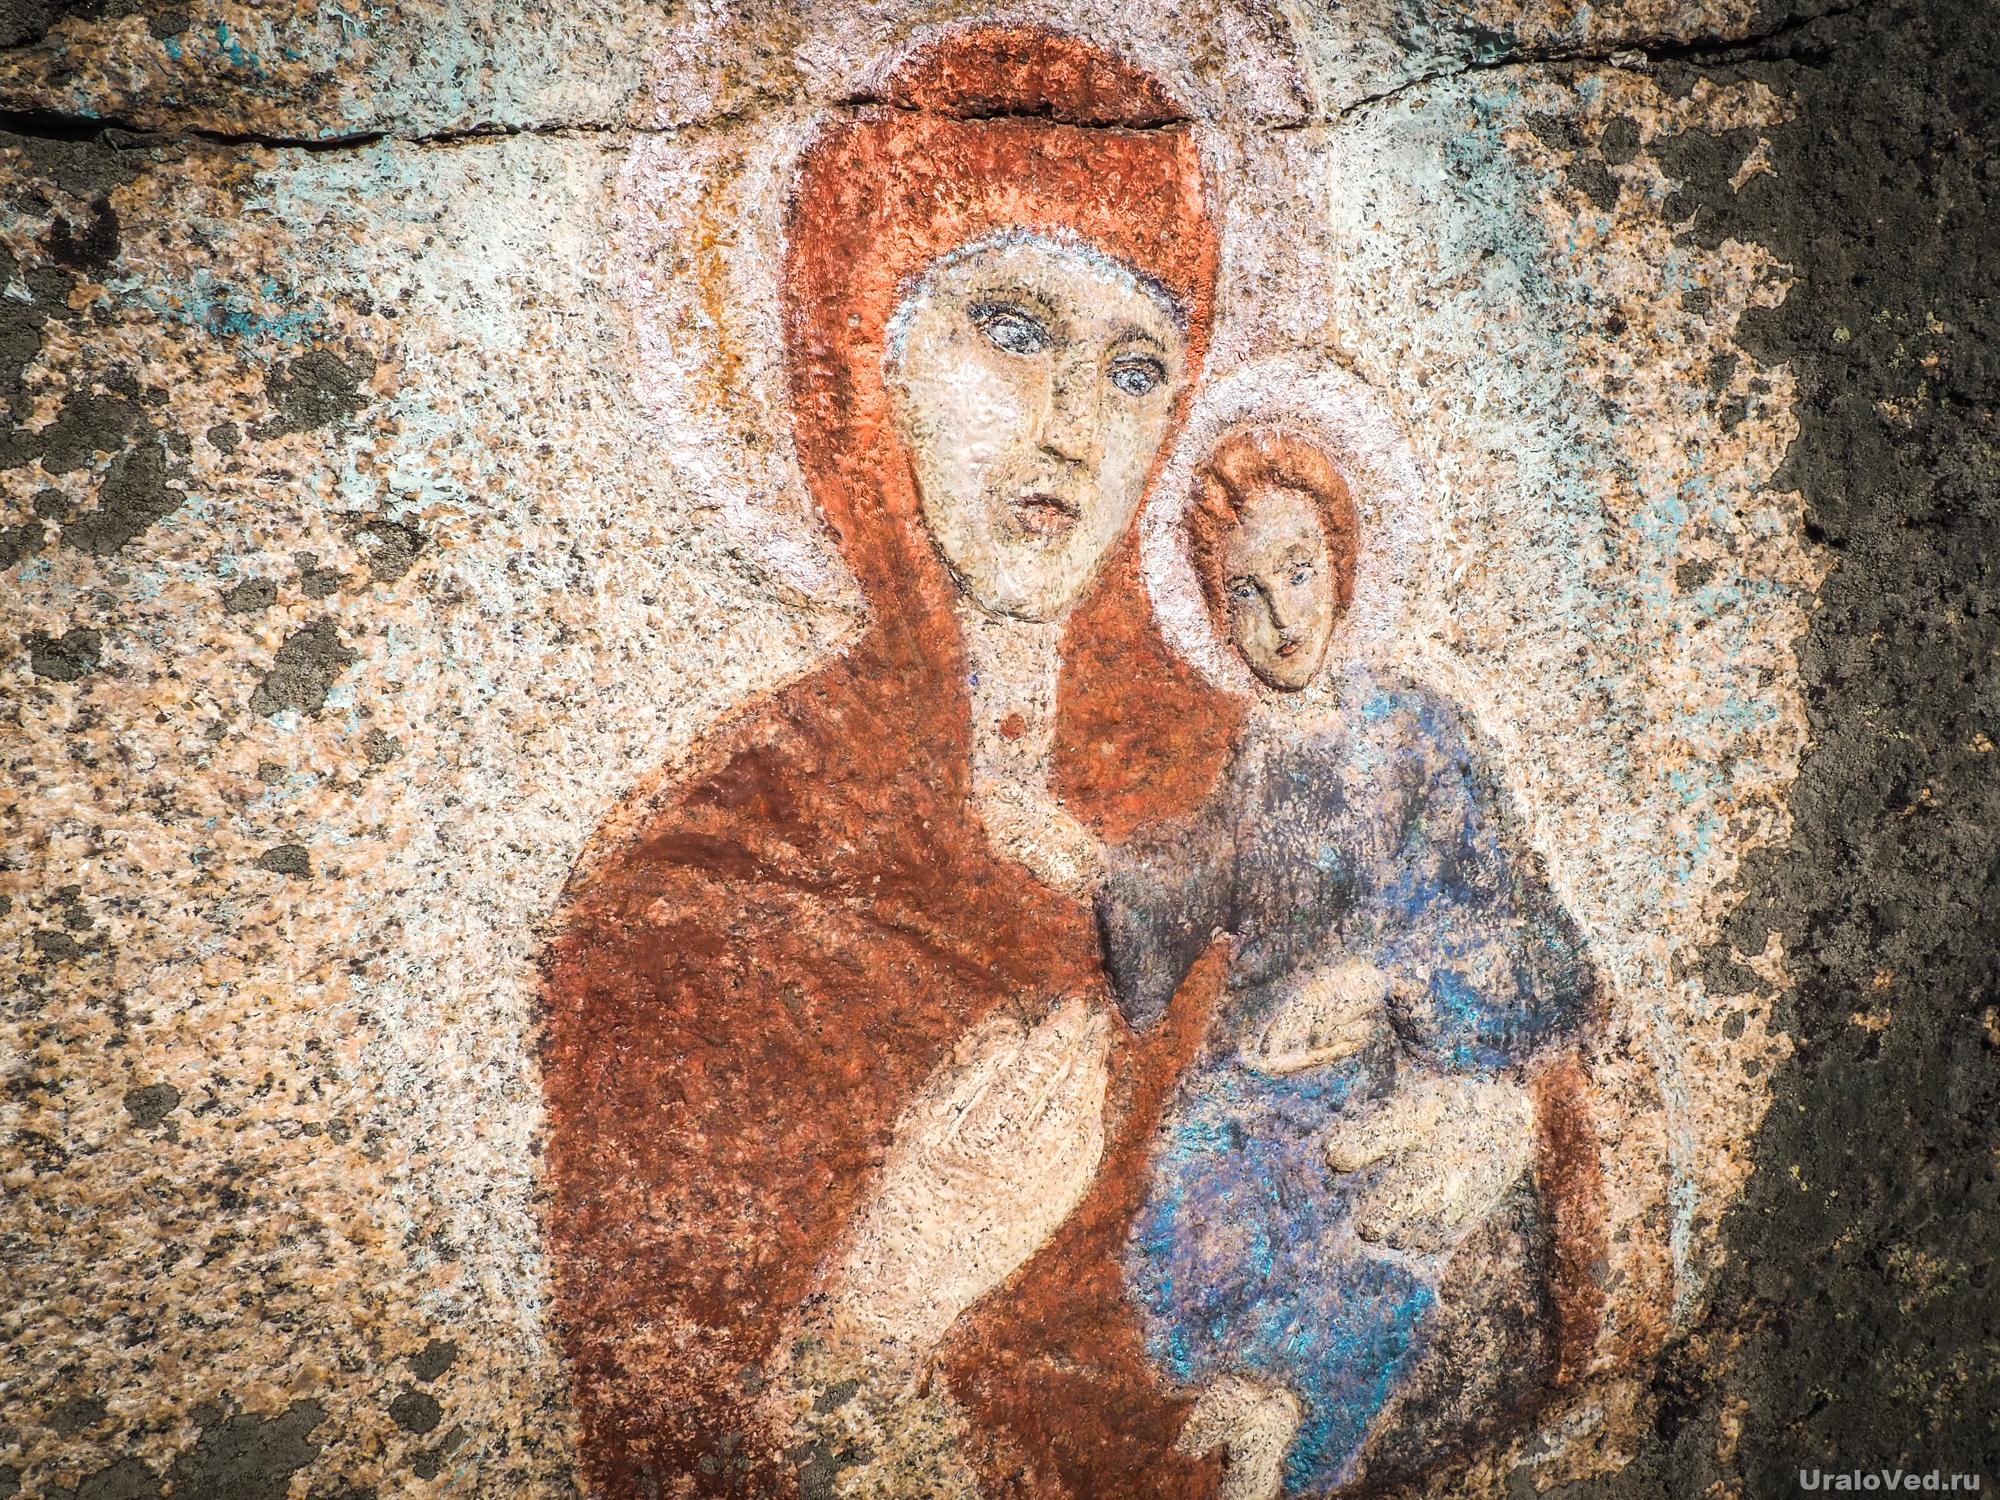 Богоматерь с младенцем на скале